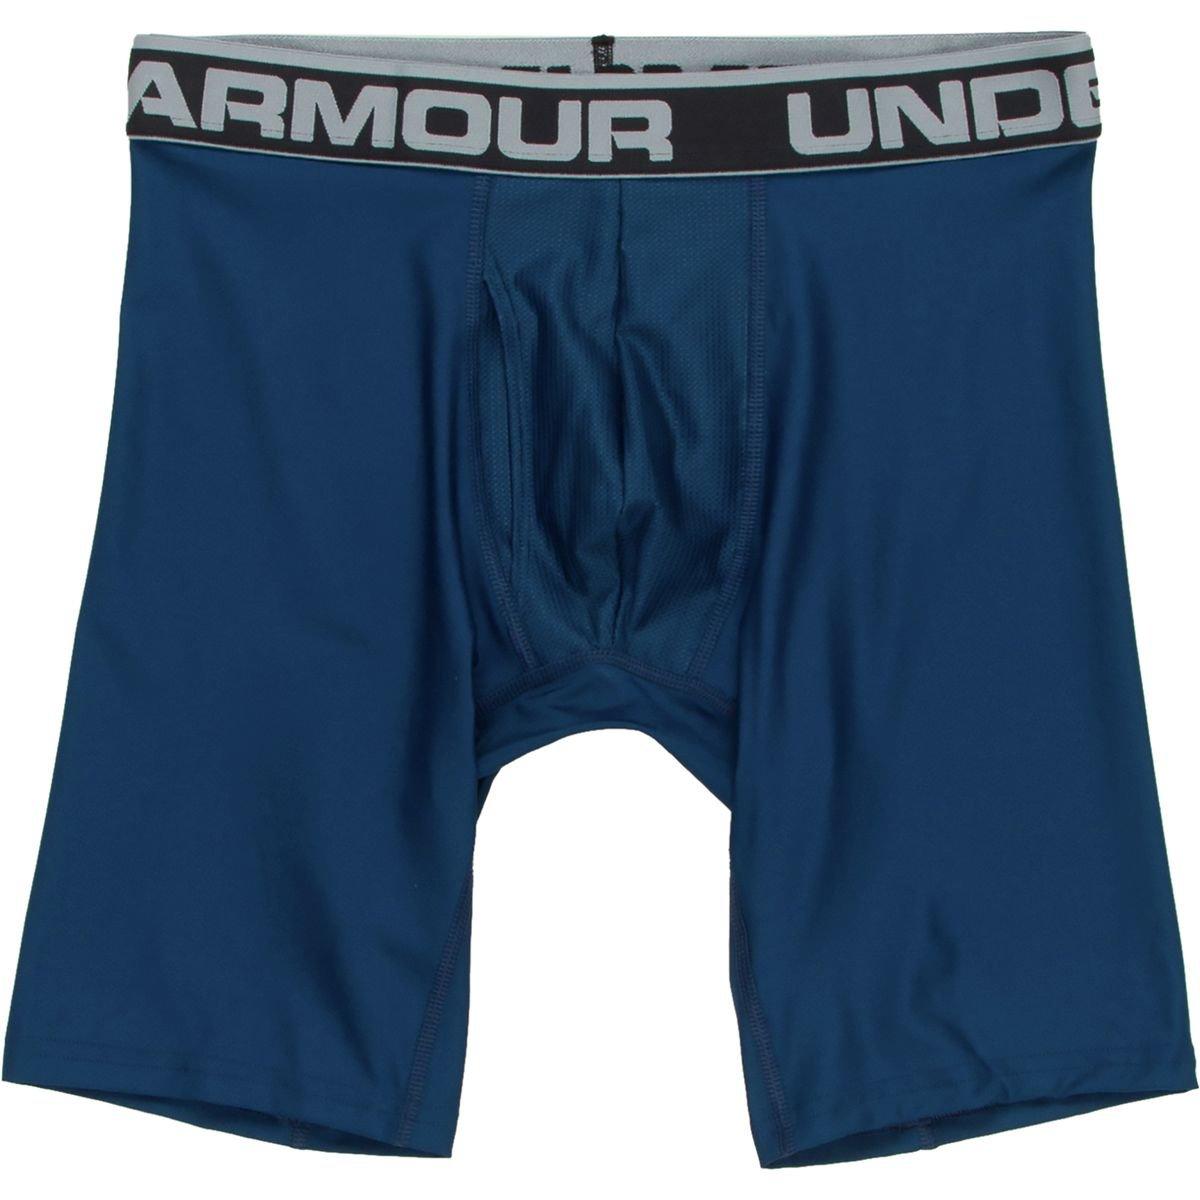 (アンダーアーマー) UNDER ARMOUR オリジナルシリーズ9インチボクサージョック(アンダーウェア/MEN)[1277240] B01FF0CBZ6 Large|Blackout Navy/Steel Blackout Navy/Steel Large